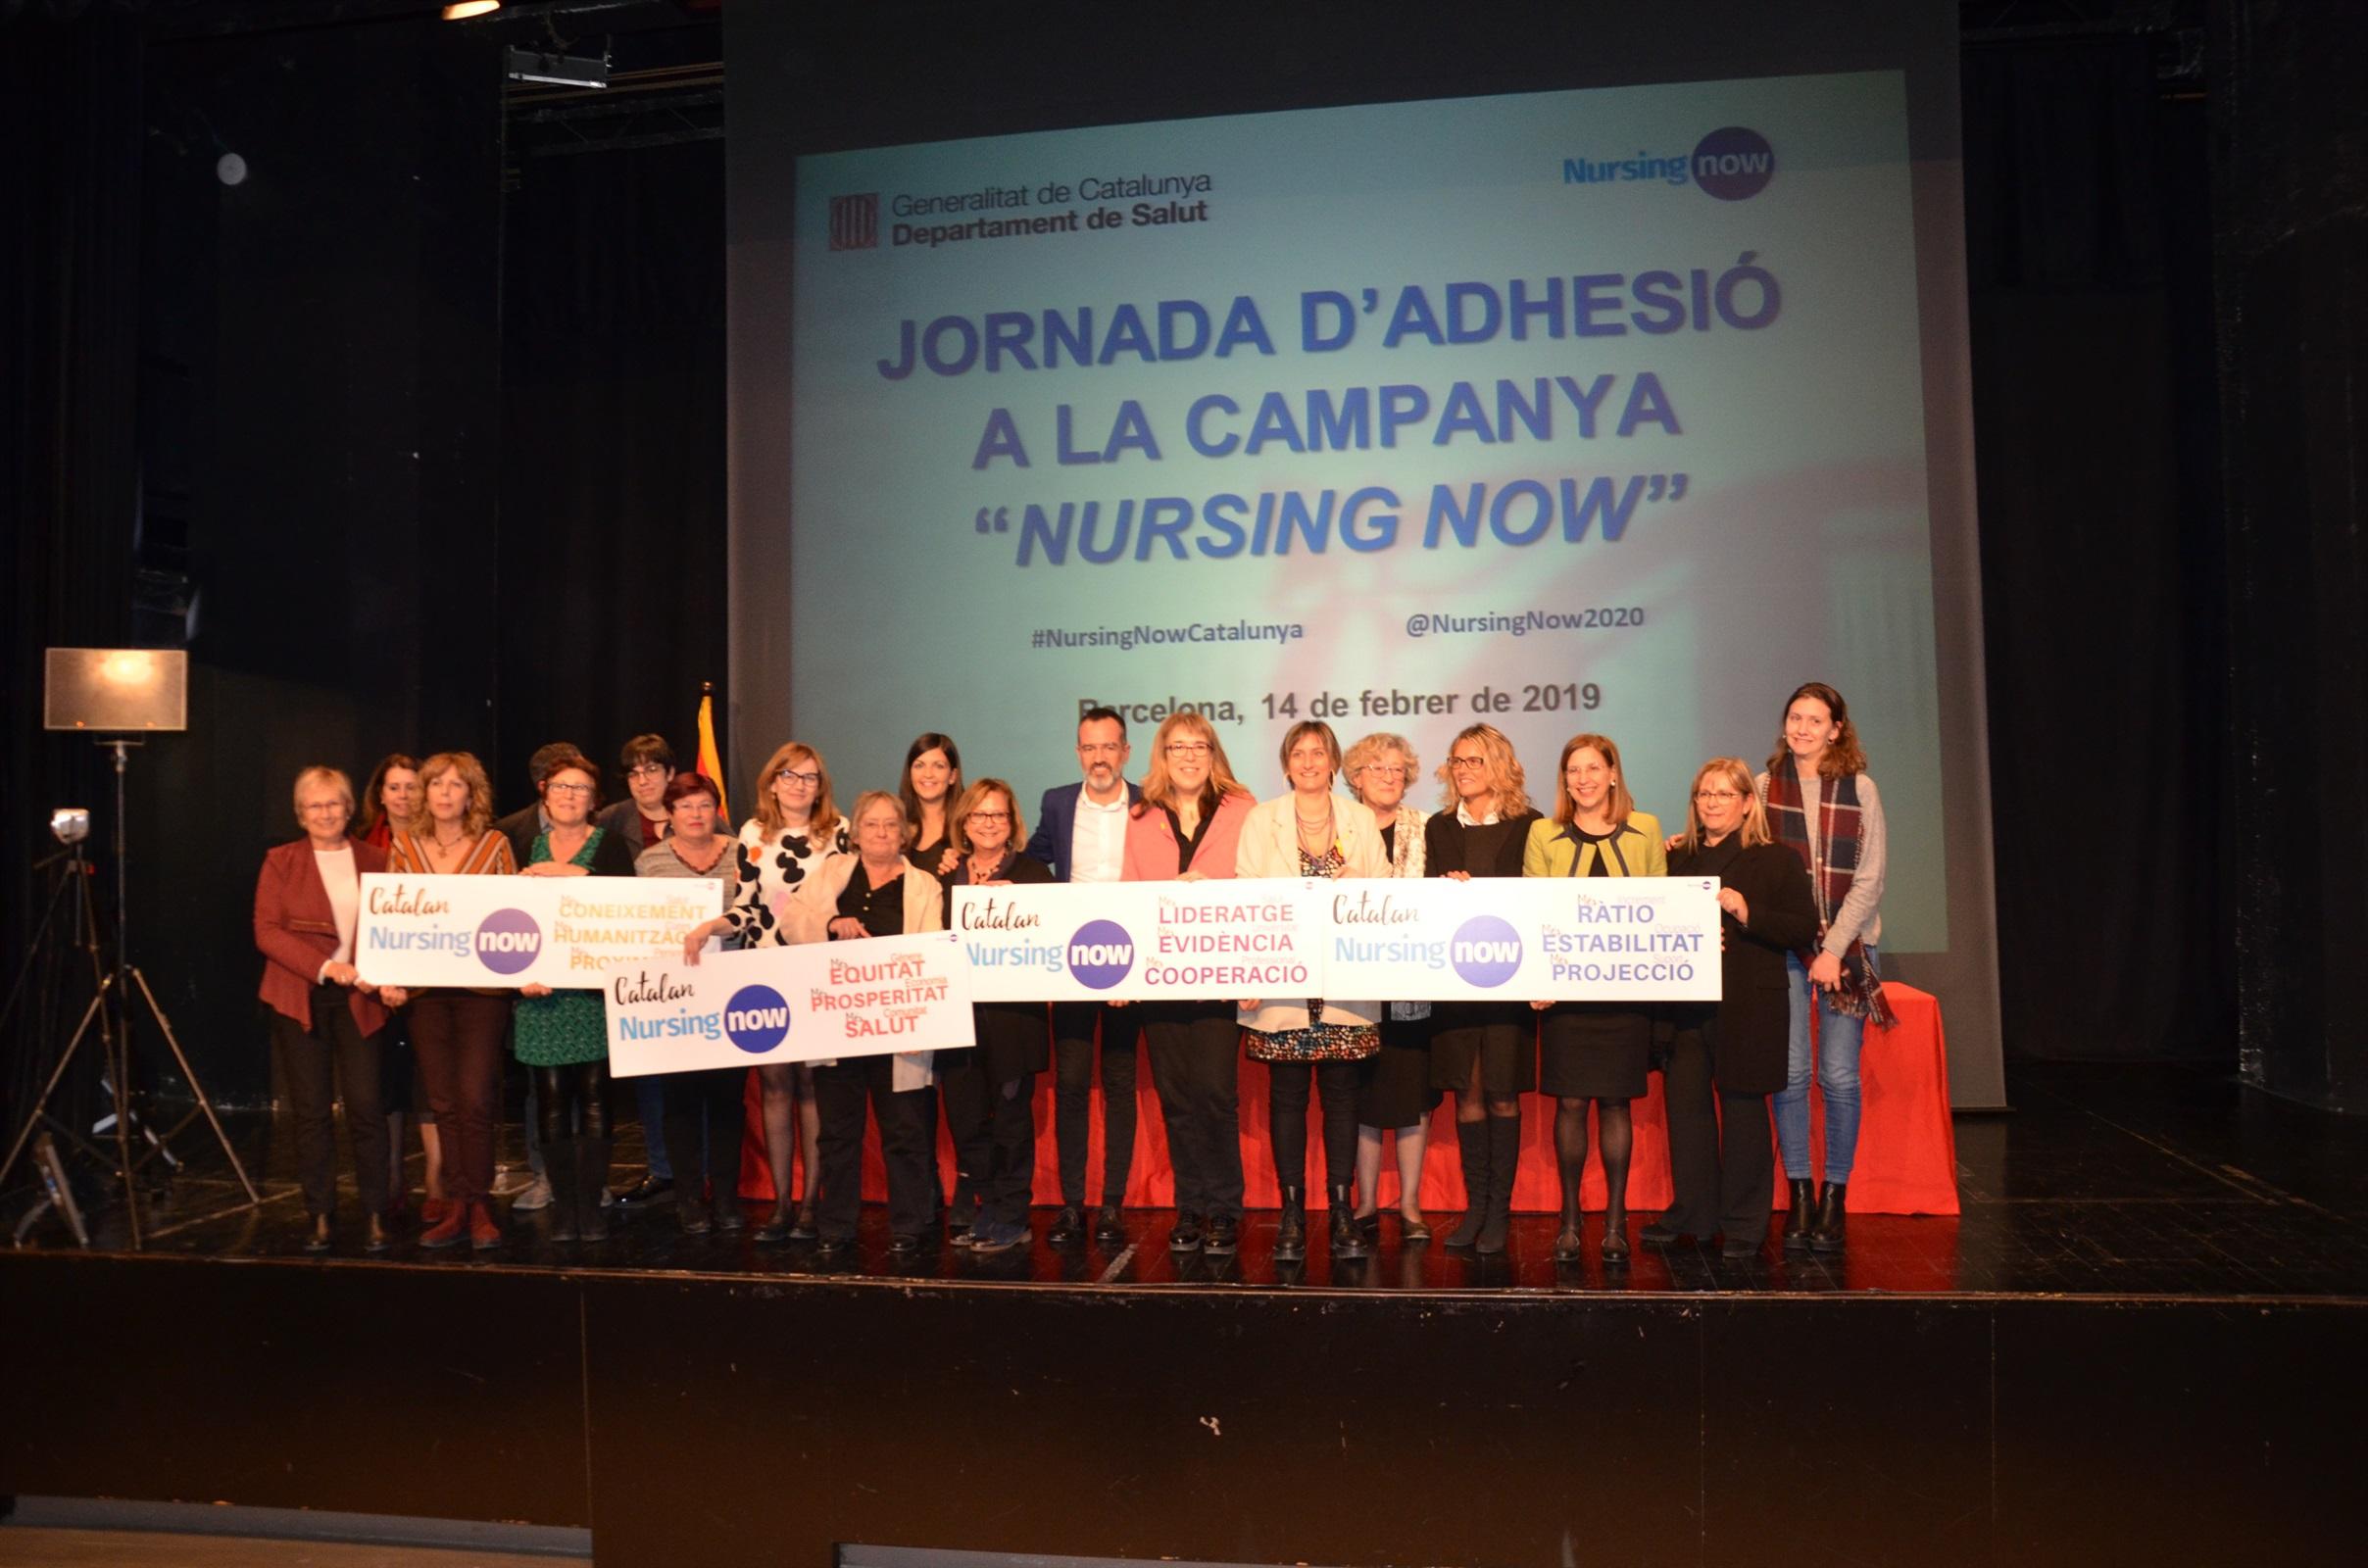 Catalunya reafirma el compromís amb la professió infermera adherint-se a la campanya global Nursing Now